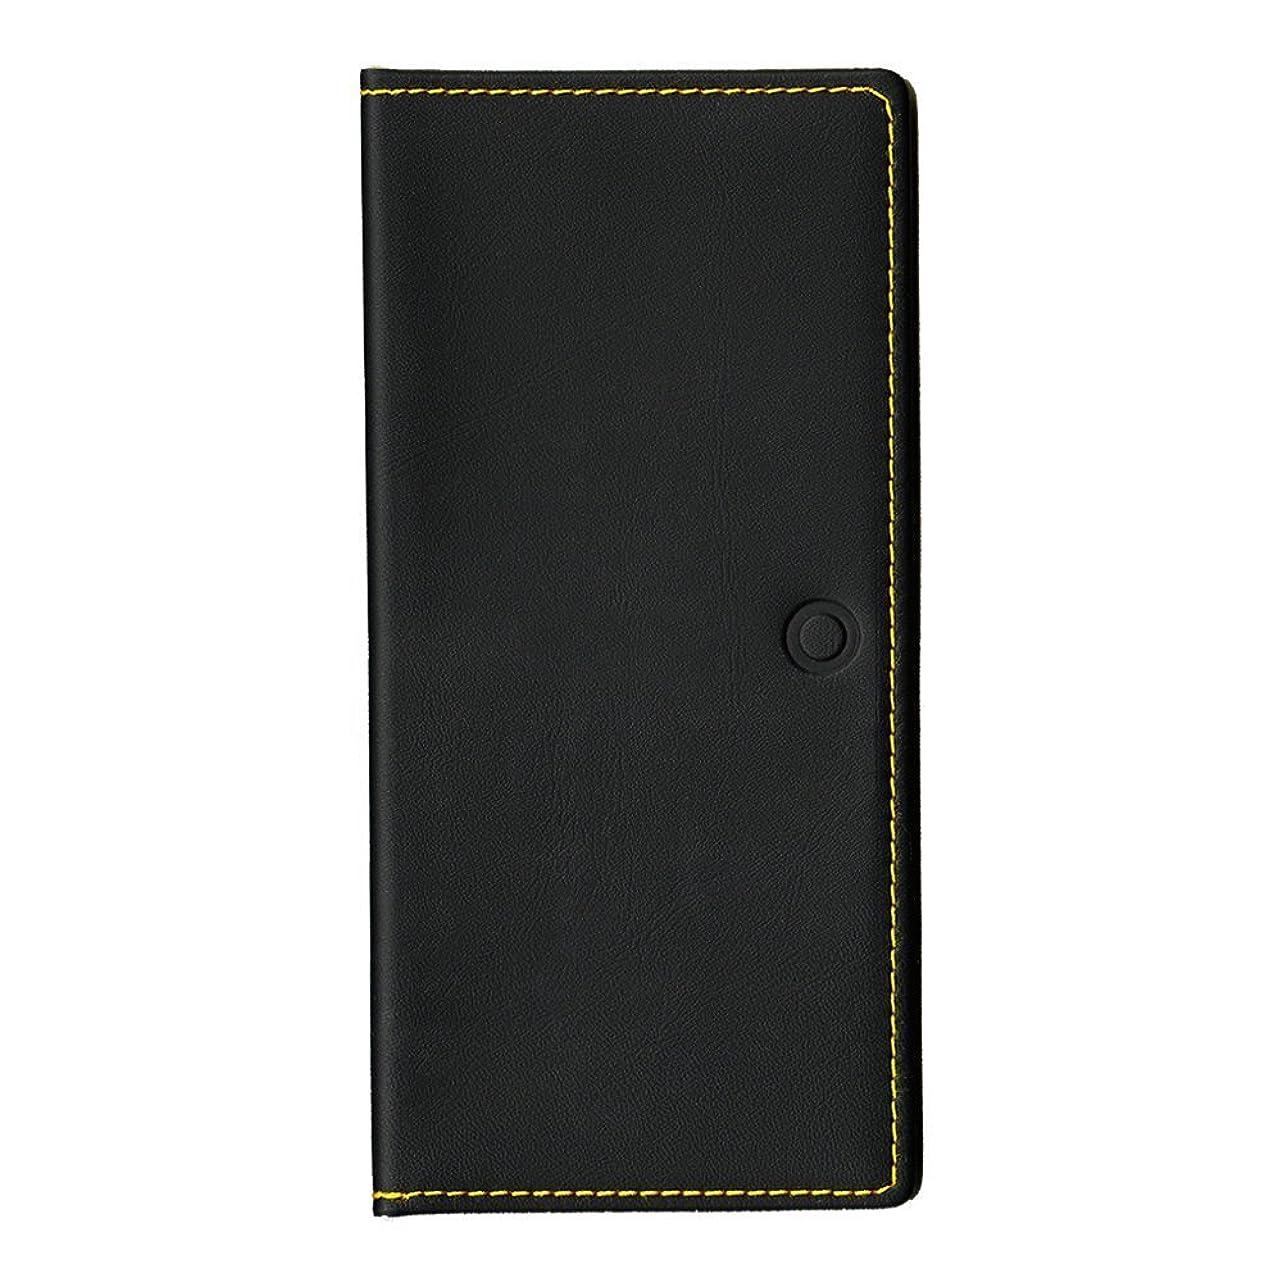 に渡って乳白色ご注意(まとめ買い) コレクト カードホルダーバイカラー16枚用 黒 CH-R116-BK 【×3】